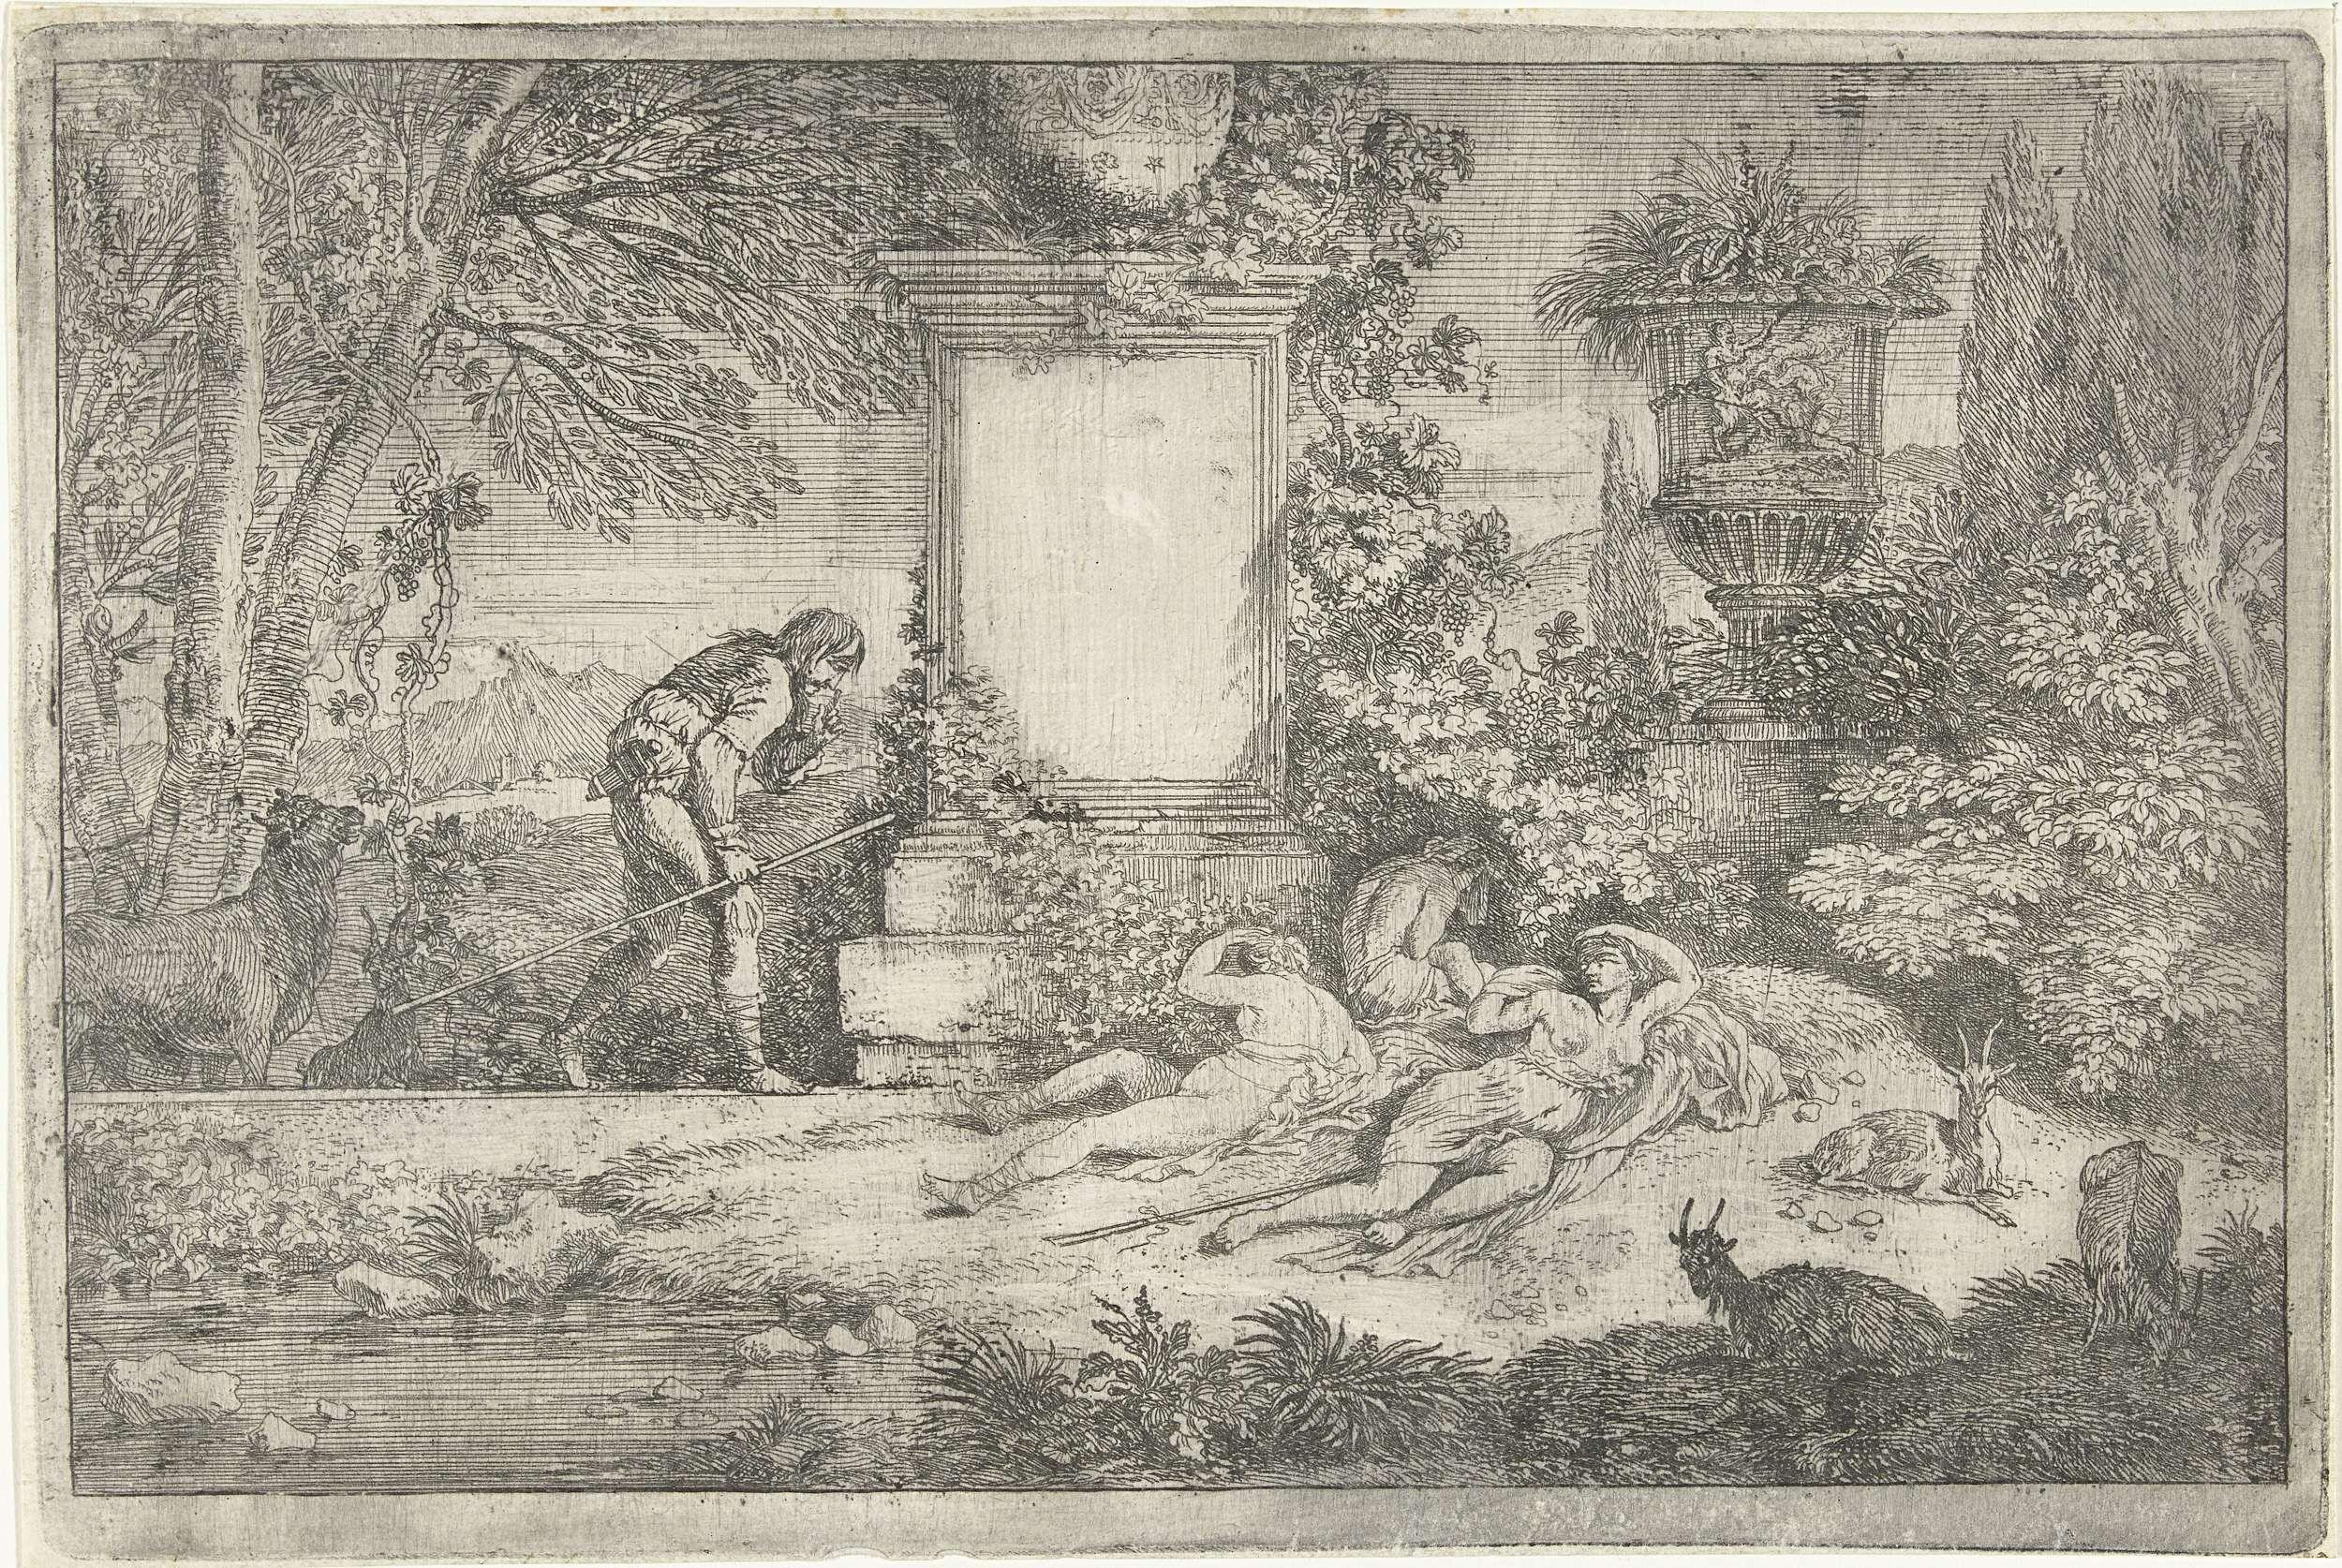 Adriaen van der Kabel | Slapende herderinnen, Adriaen van der Kabel, 1648 - 1705 | Drie schaars geklede vrouwen aan de voet van een zuil waarnaast een staande man, een koe en enkele geiten. Eerste prent uit de serie van zes.